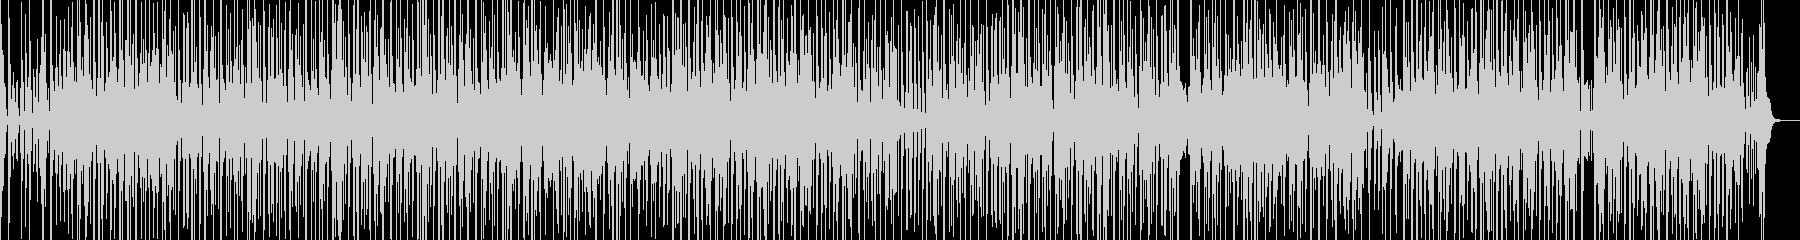 ファンキーな琴・三味線ヒップホップの未再生の波形